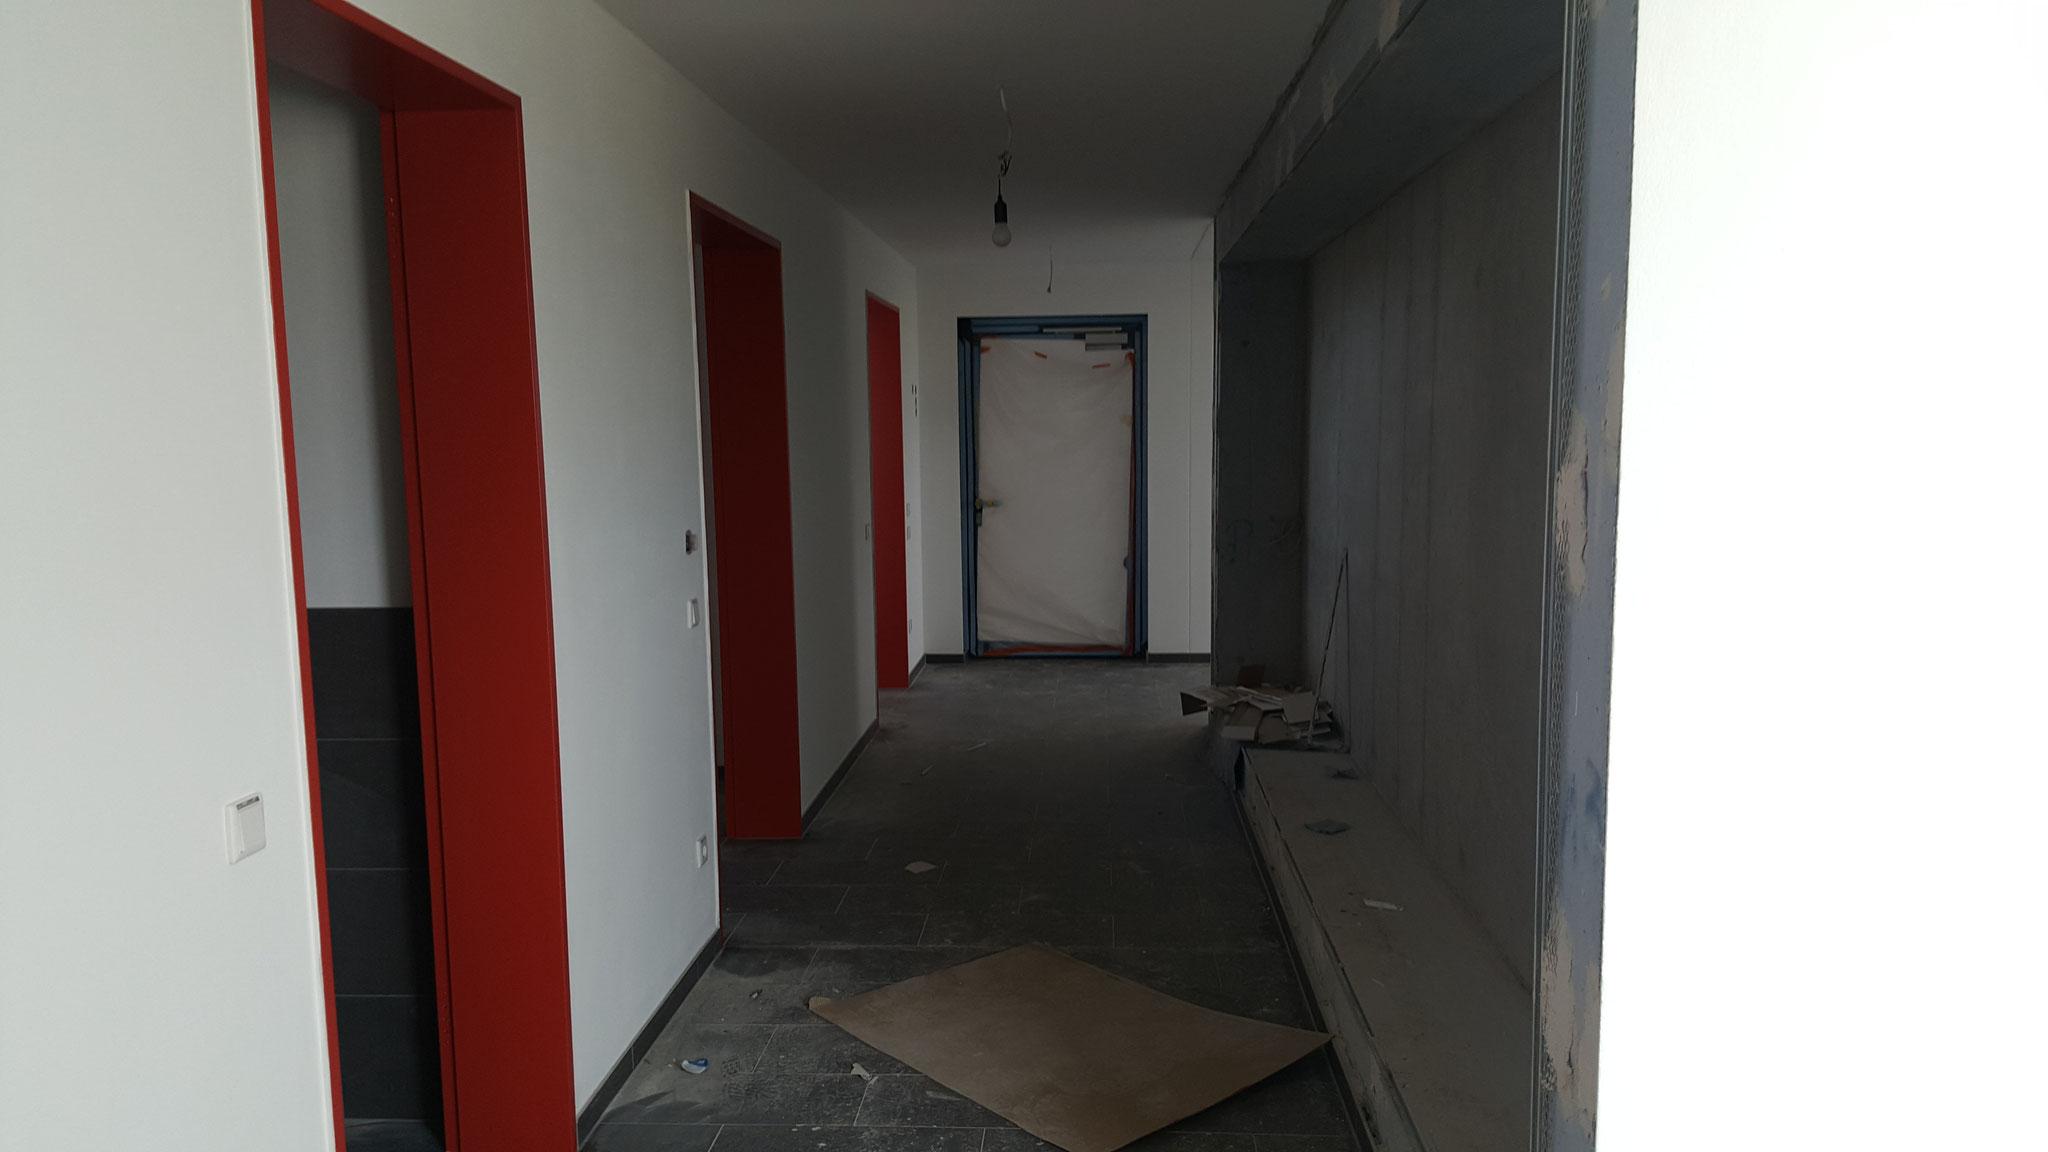 Flur (Links im Bild die Türen zu den Toiltten und Umkleiden)